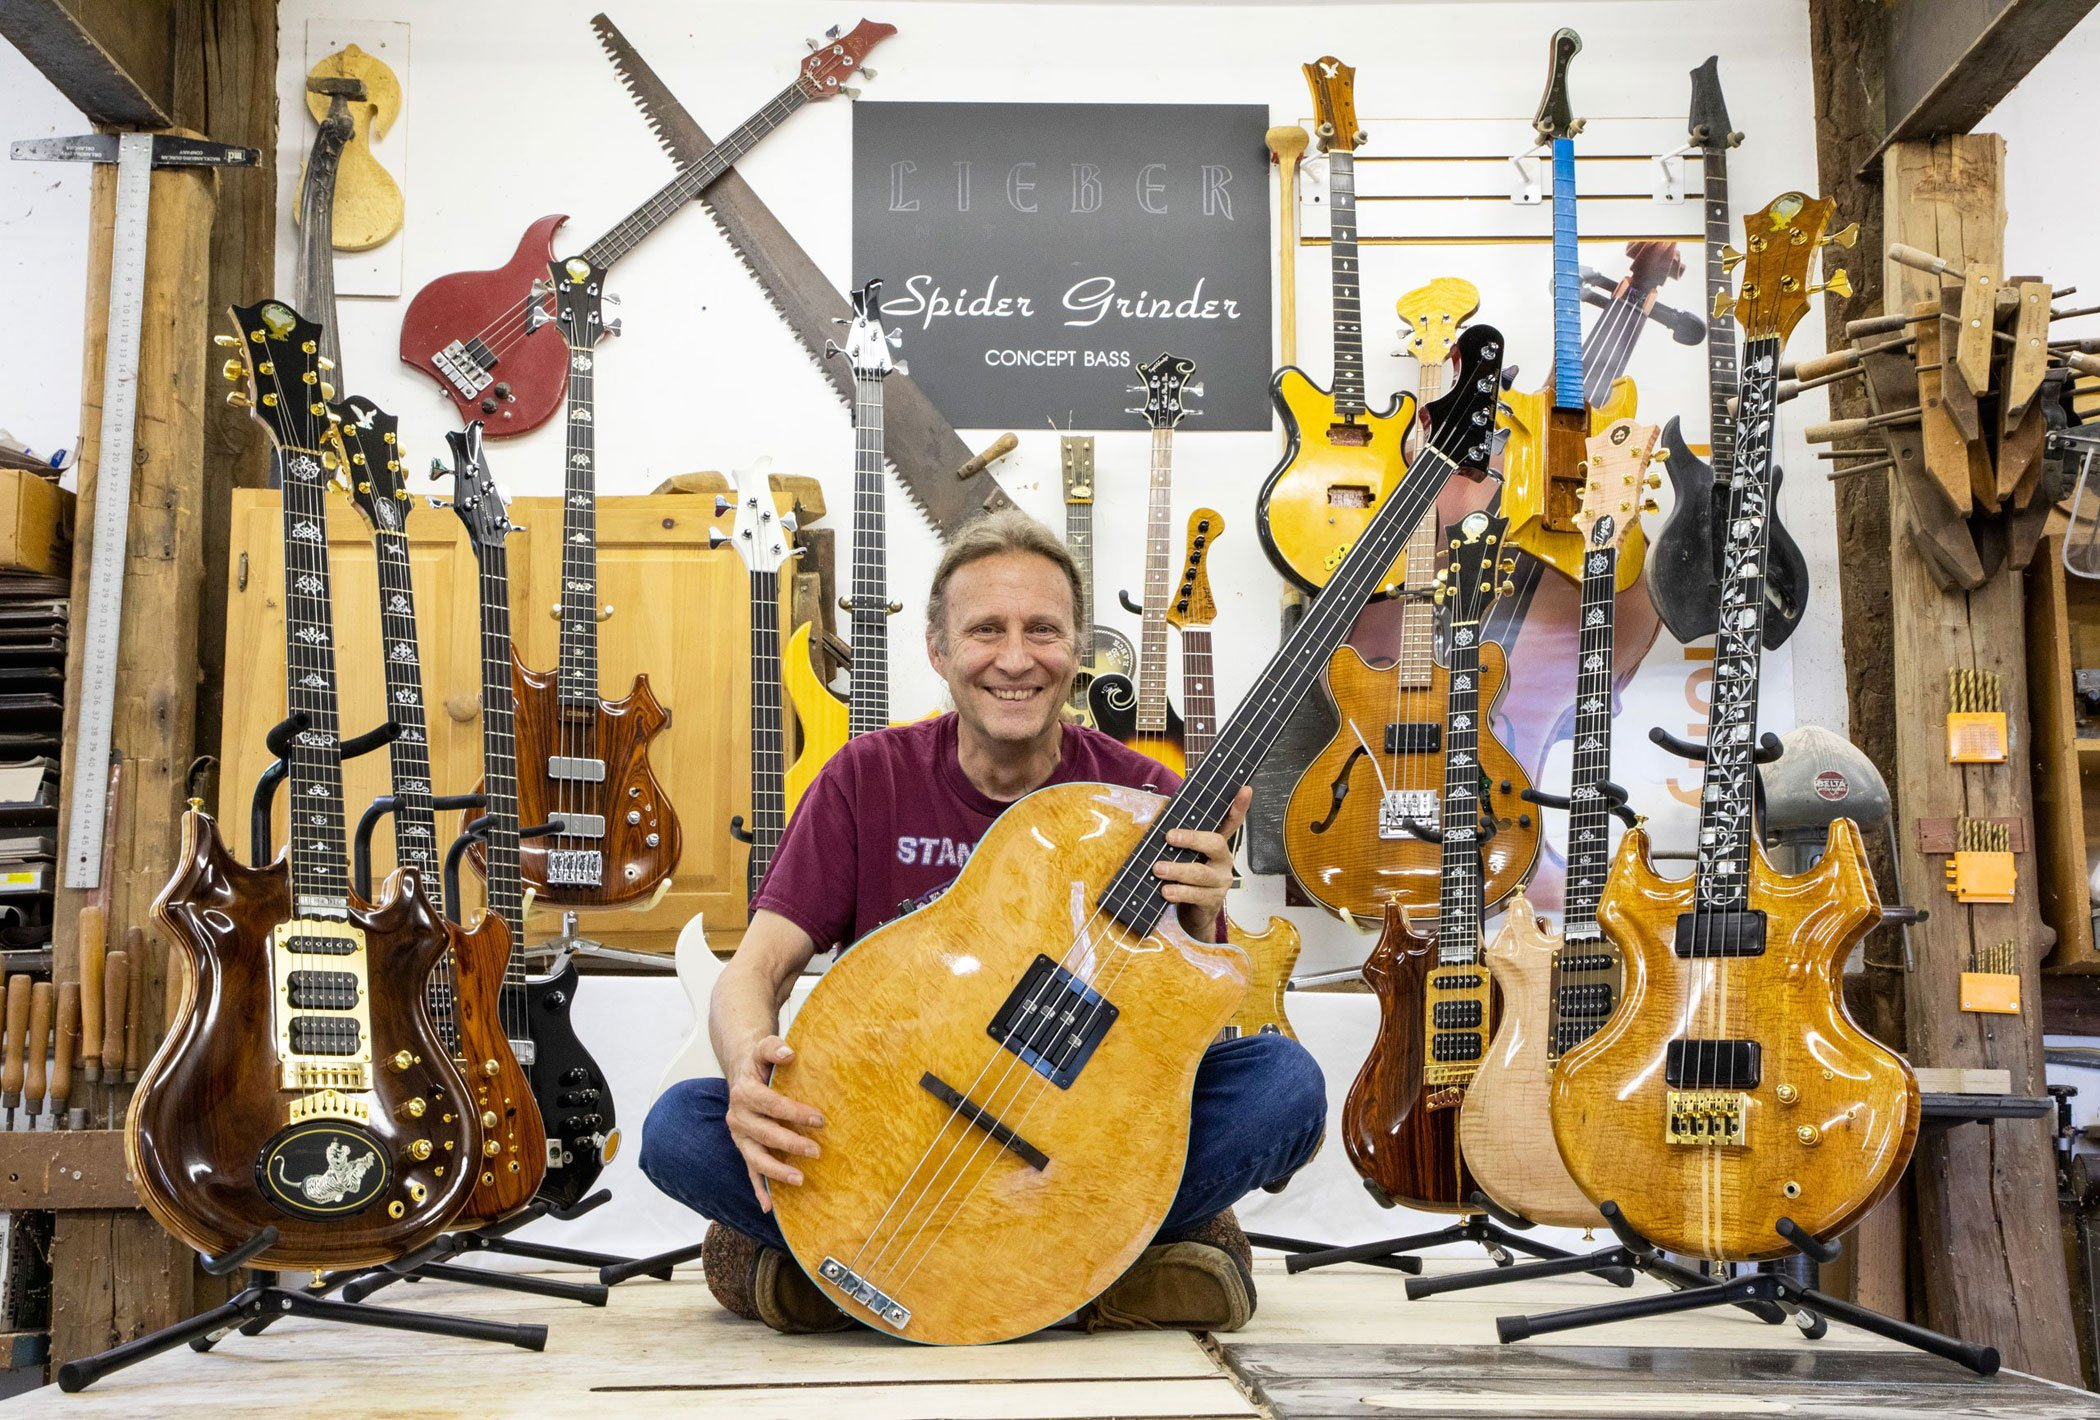 Tom Lieber of Lieber Guitars sitting amongst his guitars